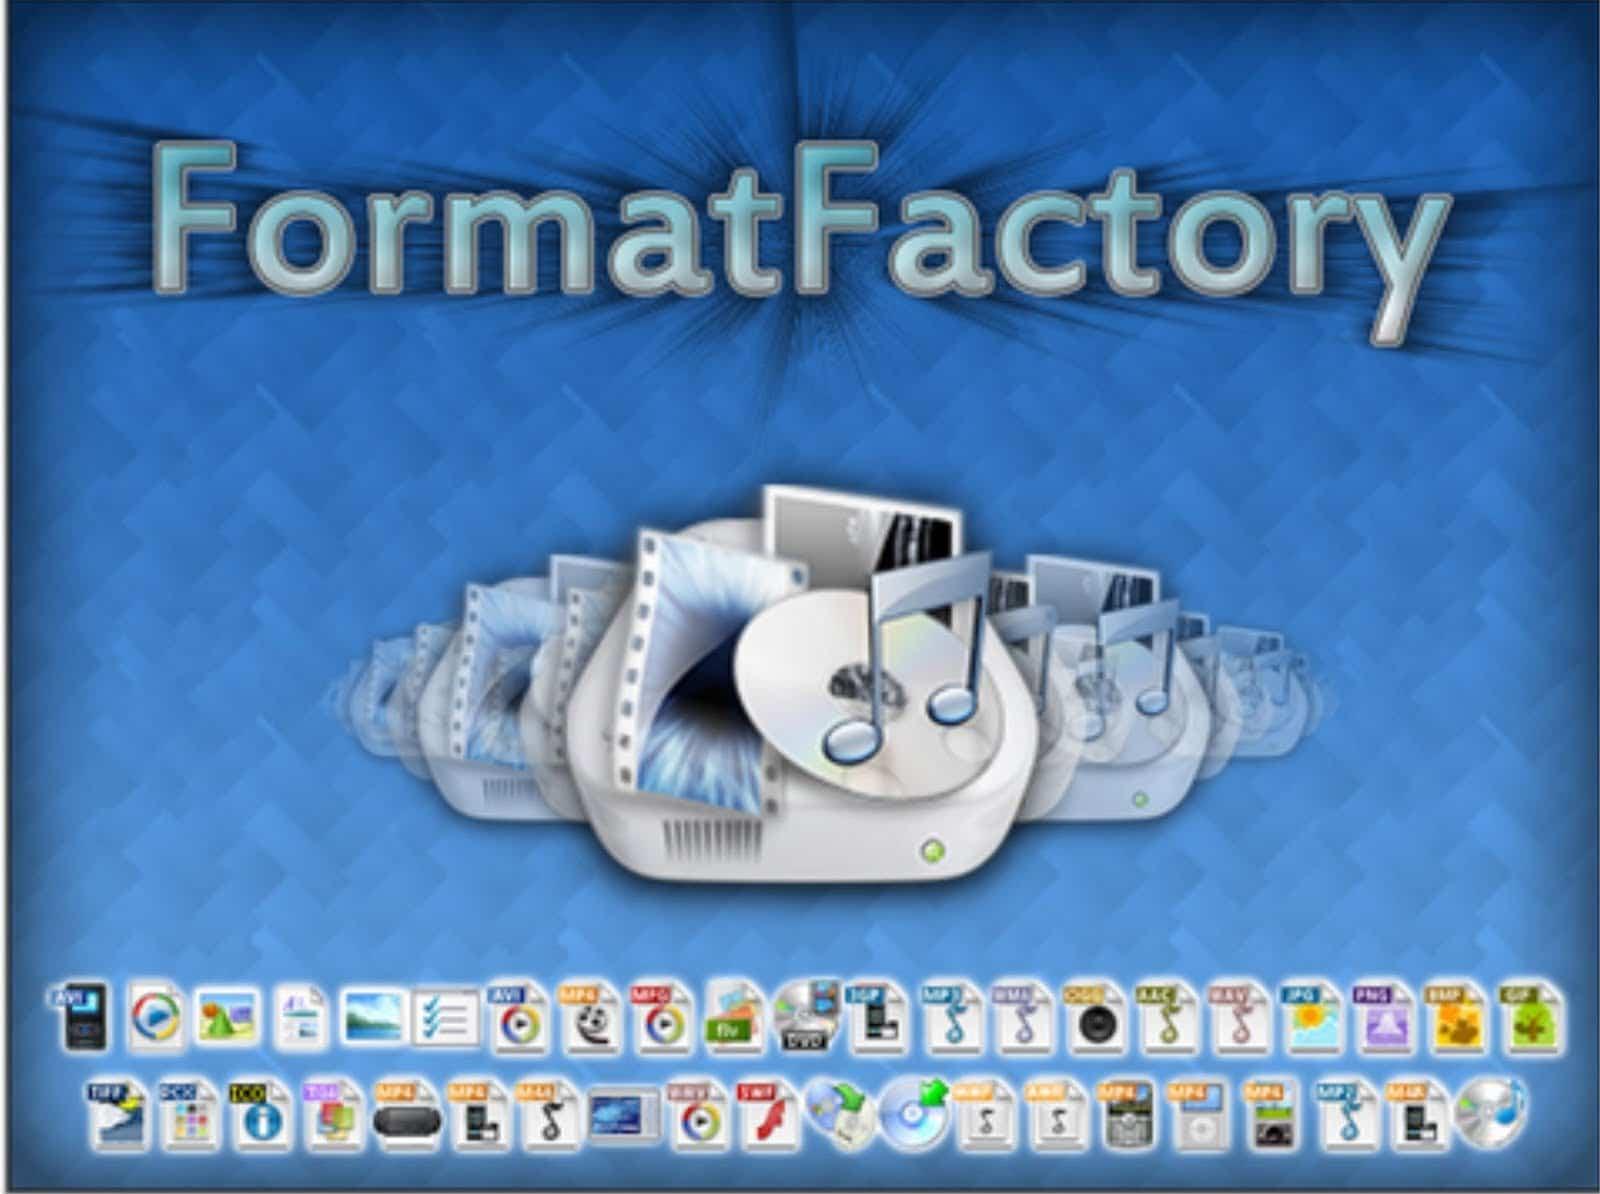 برنامج تحويل الفيديو الى Mp3 للكمبيوتر عربي Format Factory تحميل